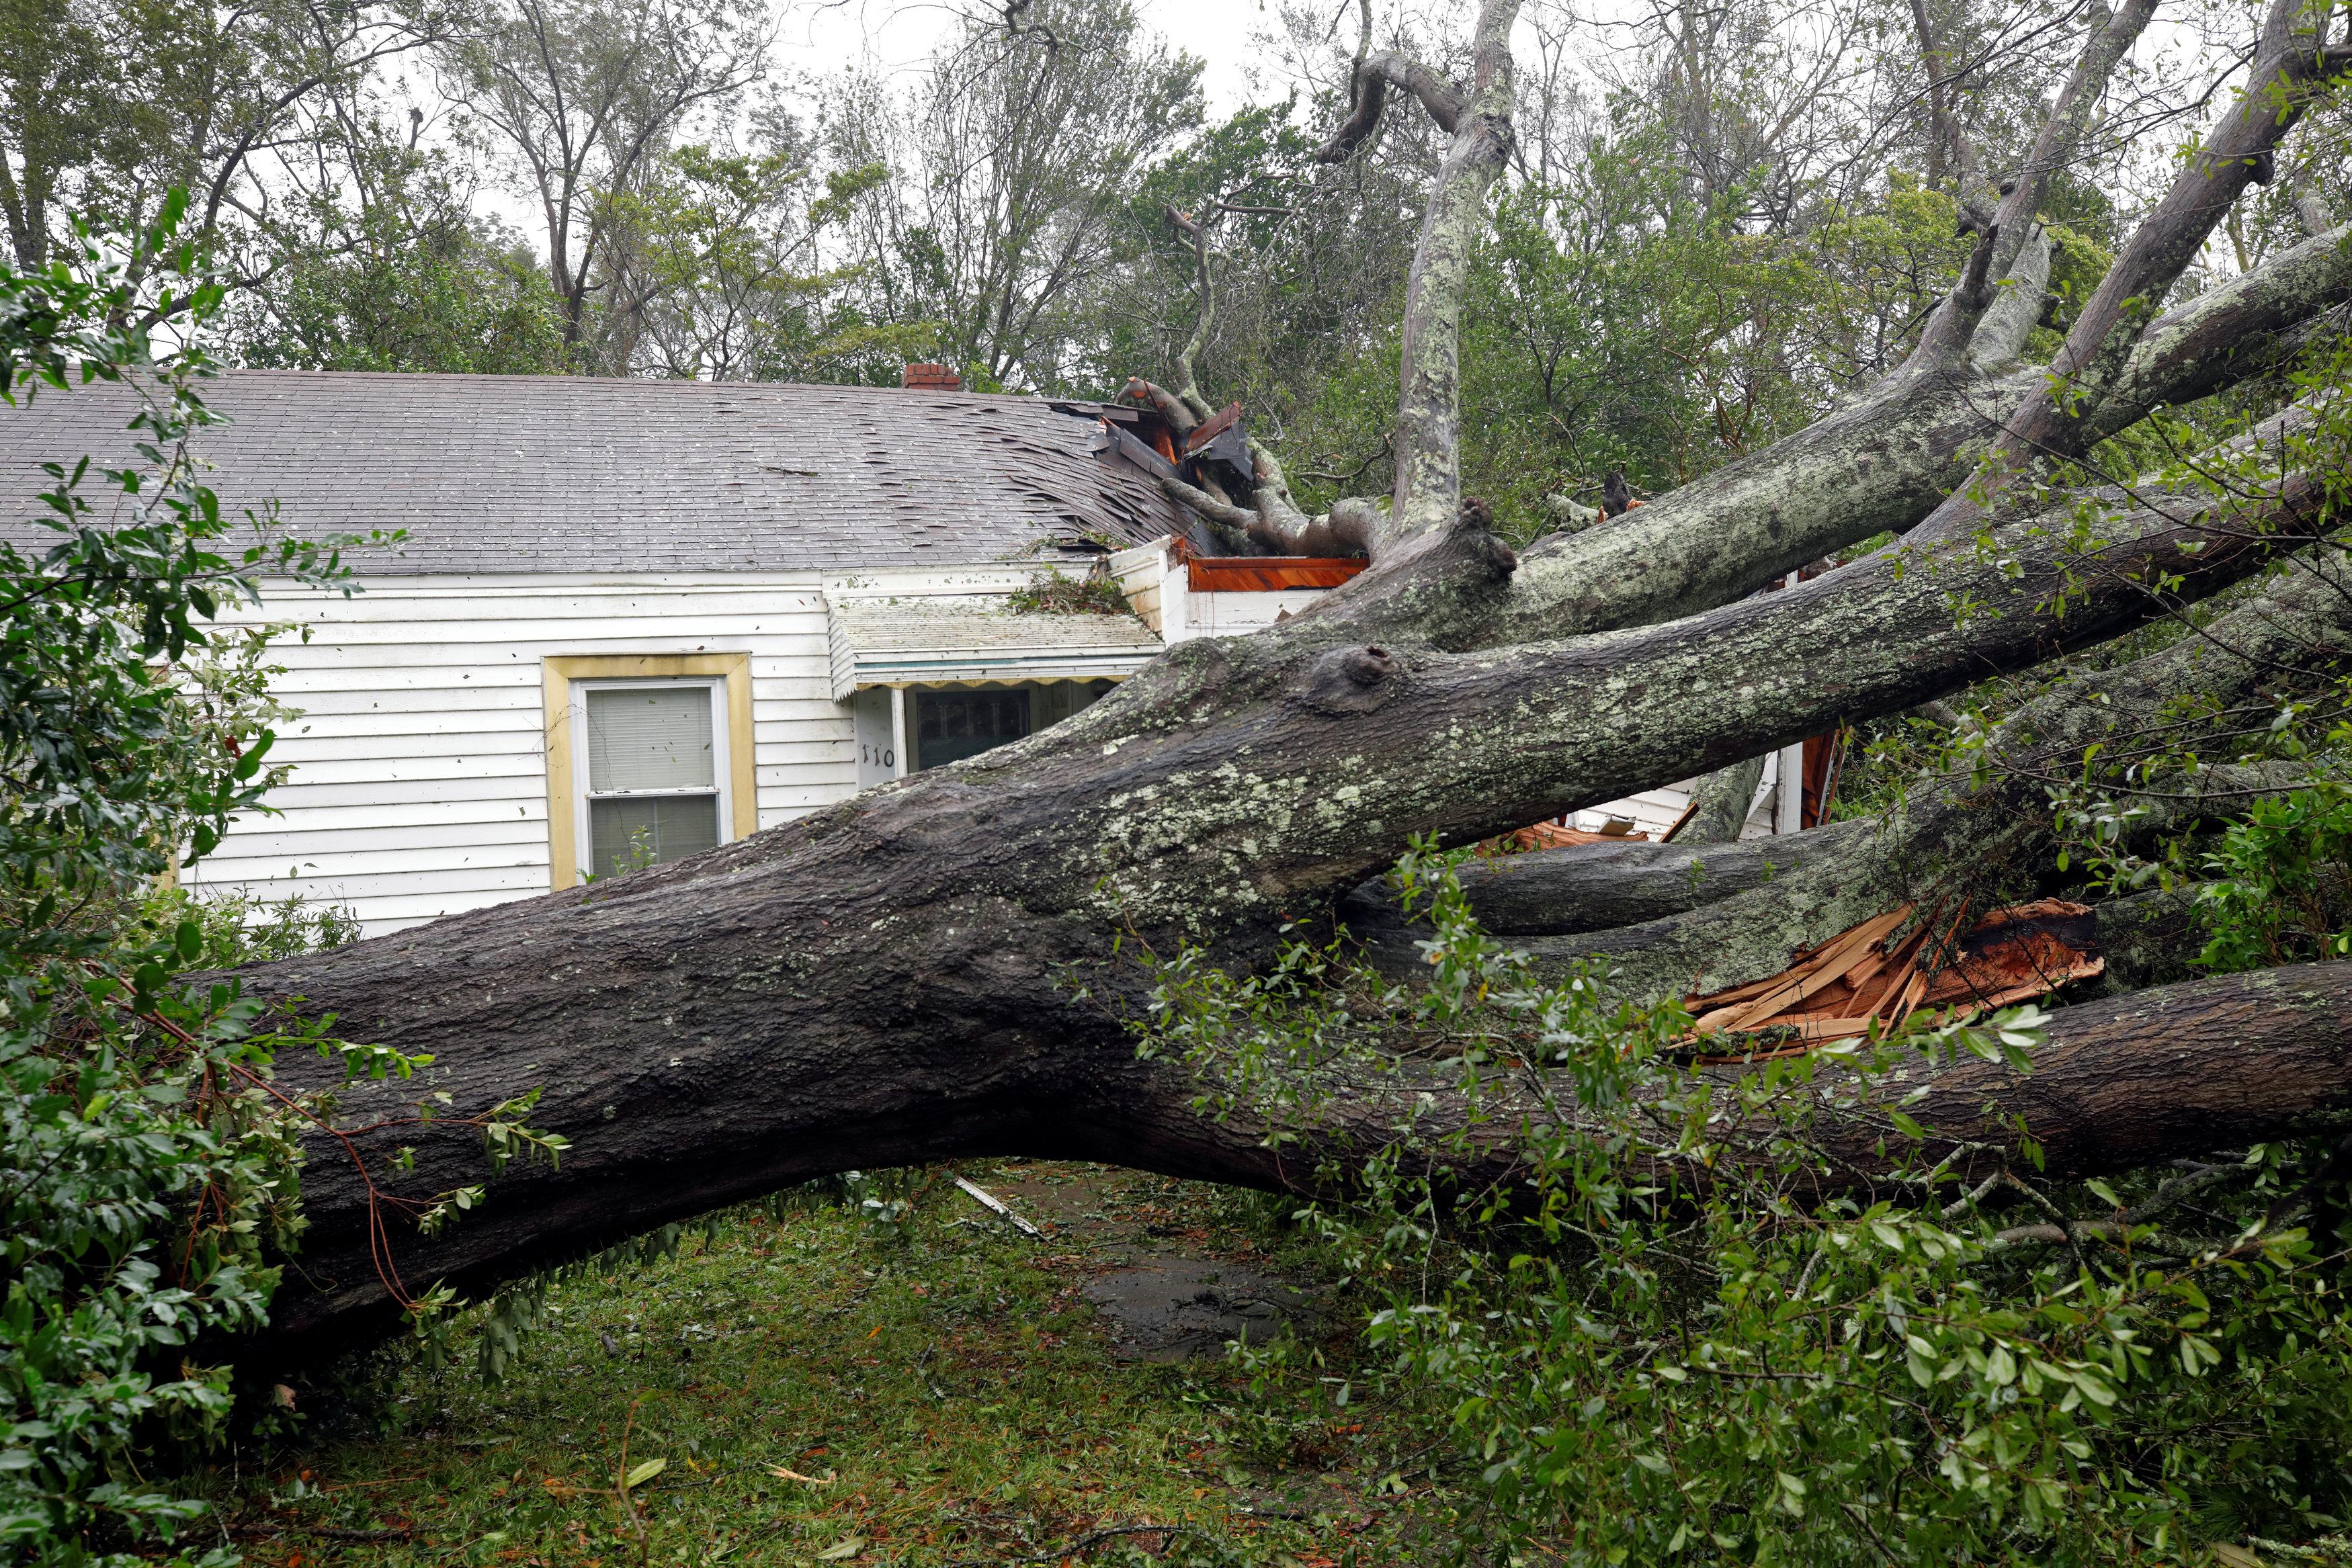 سقوط شجرة نتيجة الاعصار